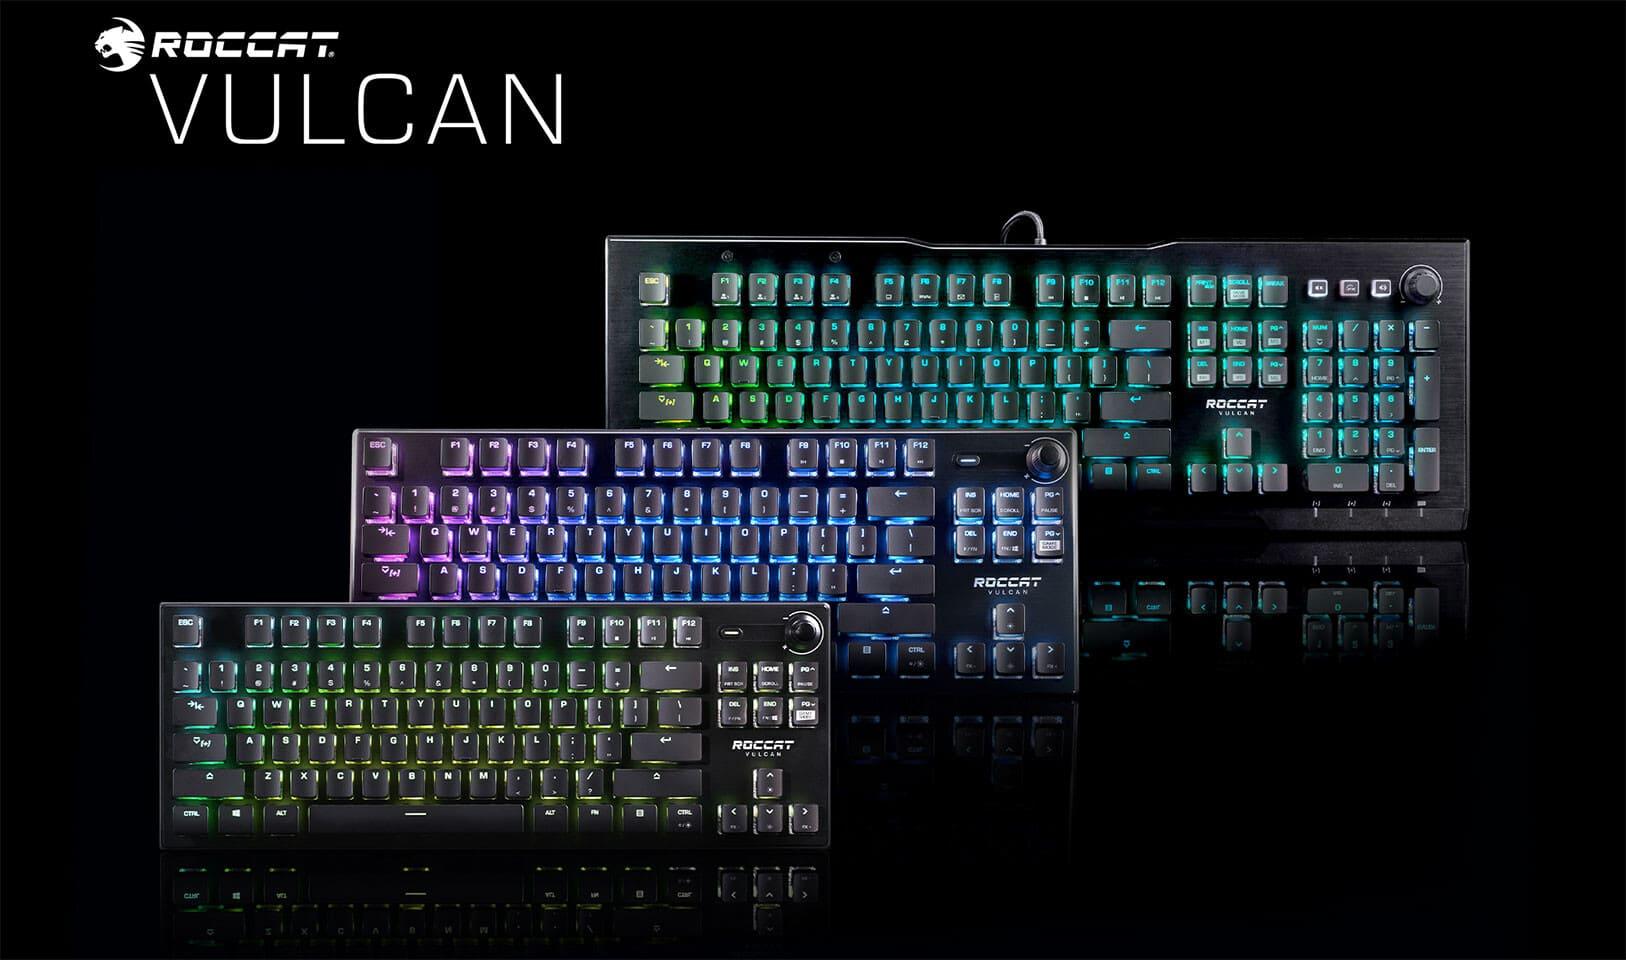 [GIỚI THIỆU] - ROCCAT công bố loại switch mới và một loạt bàn phím mới về dòng Vulcan